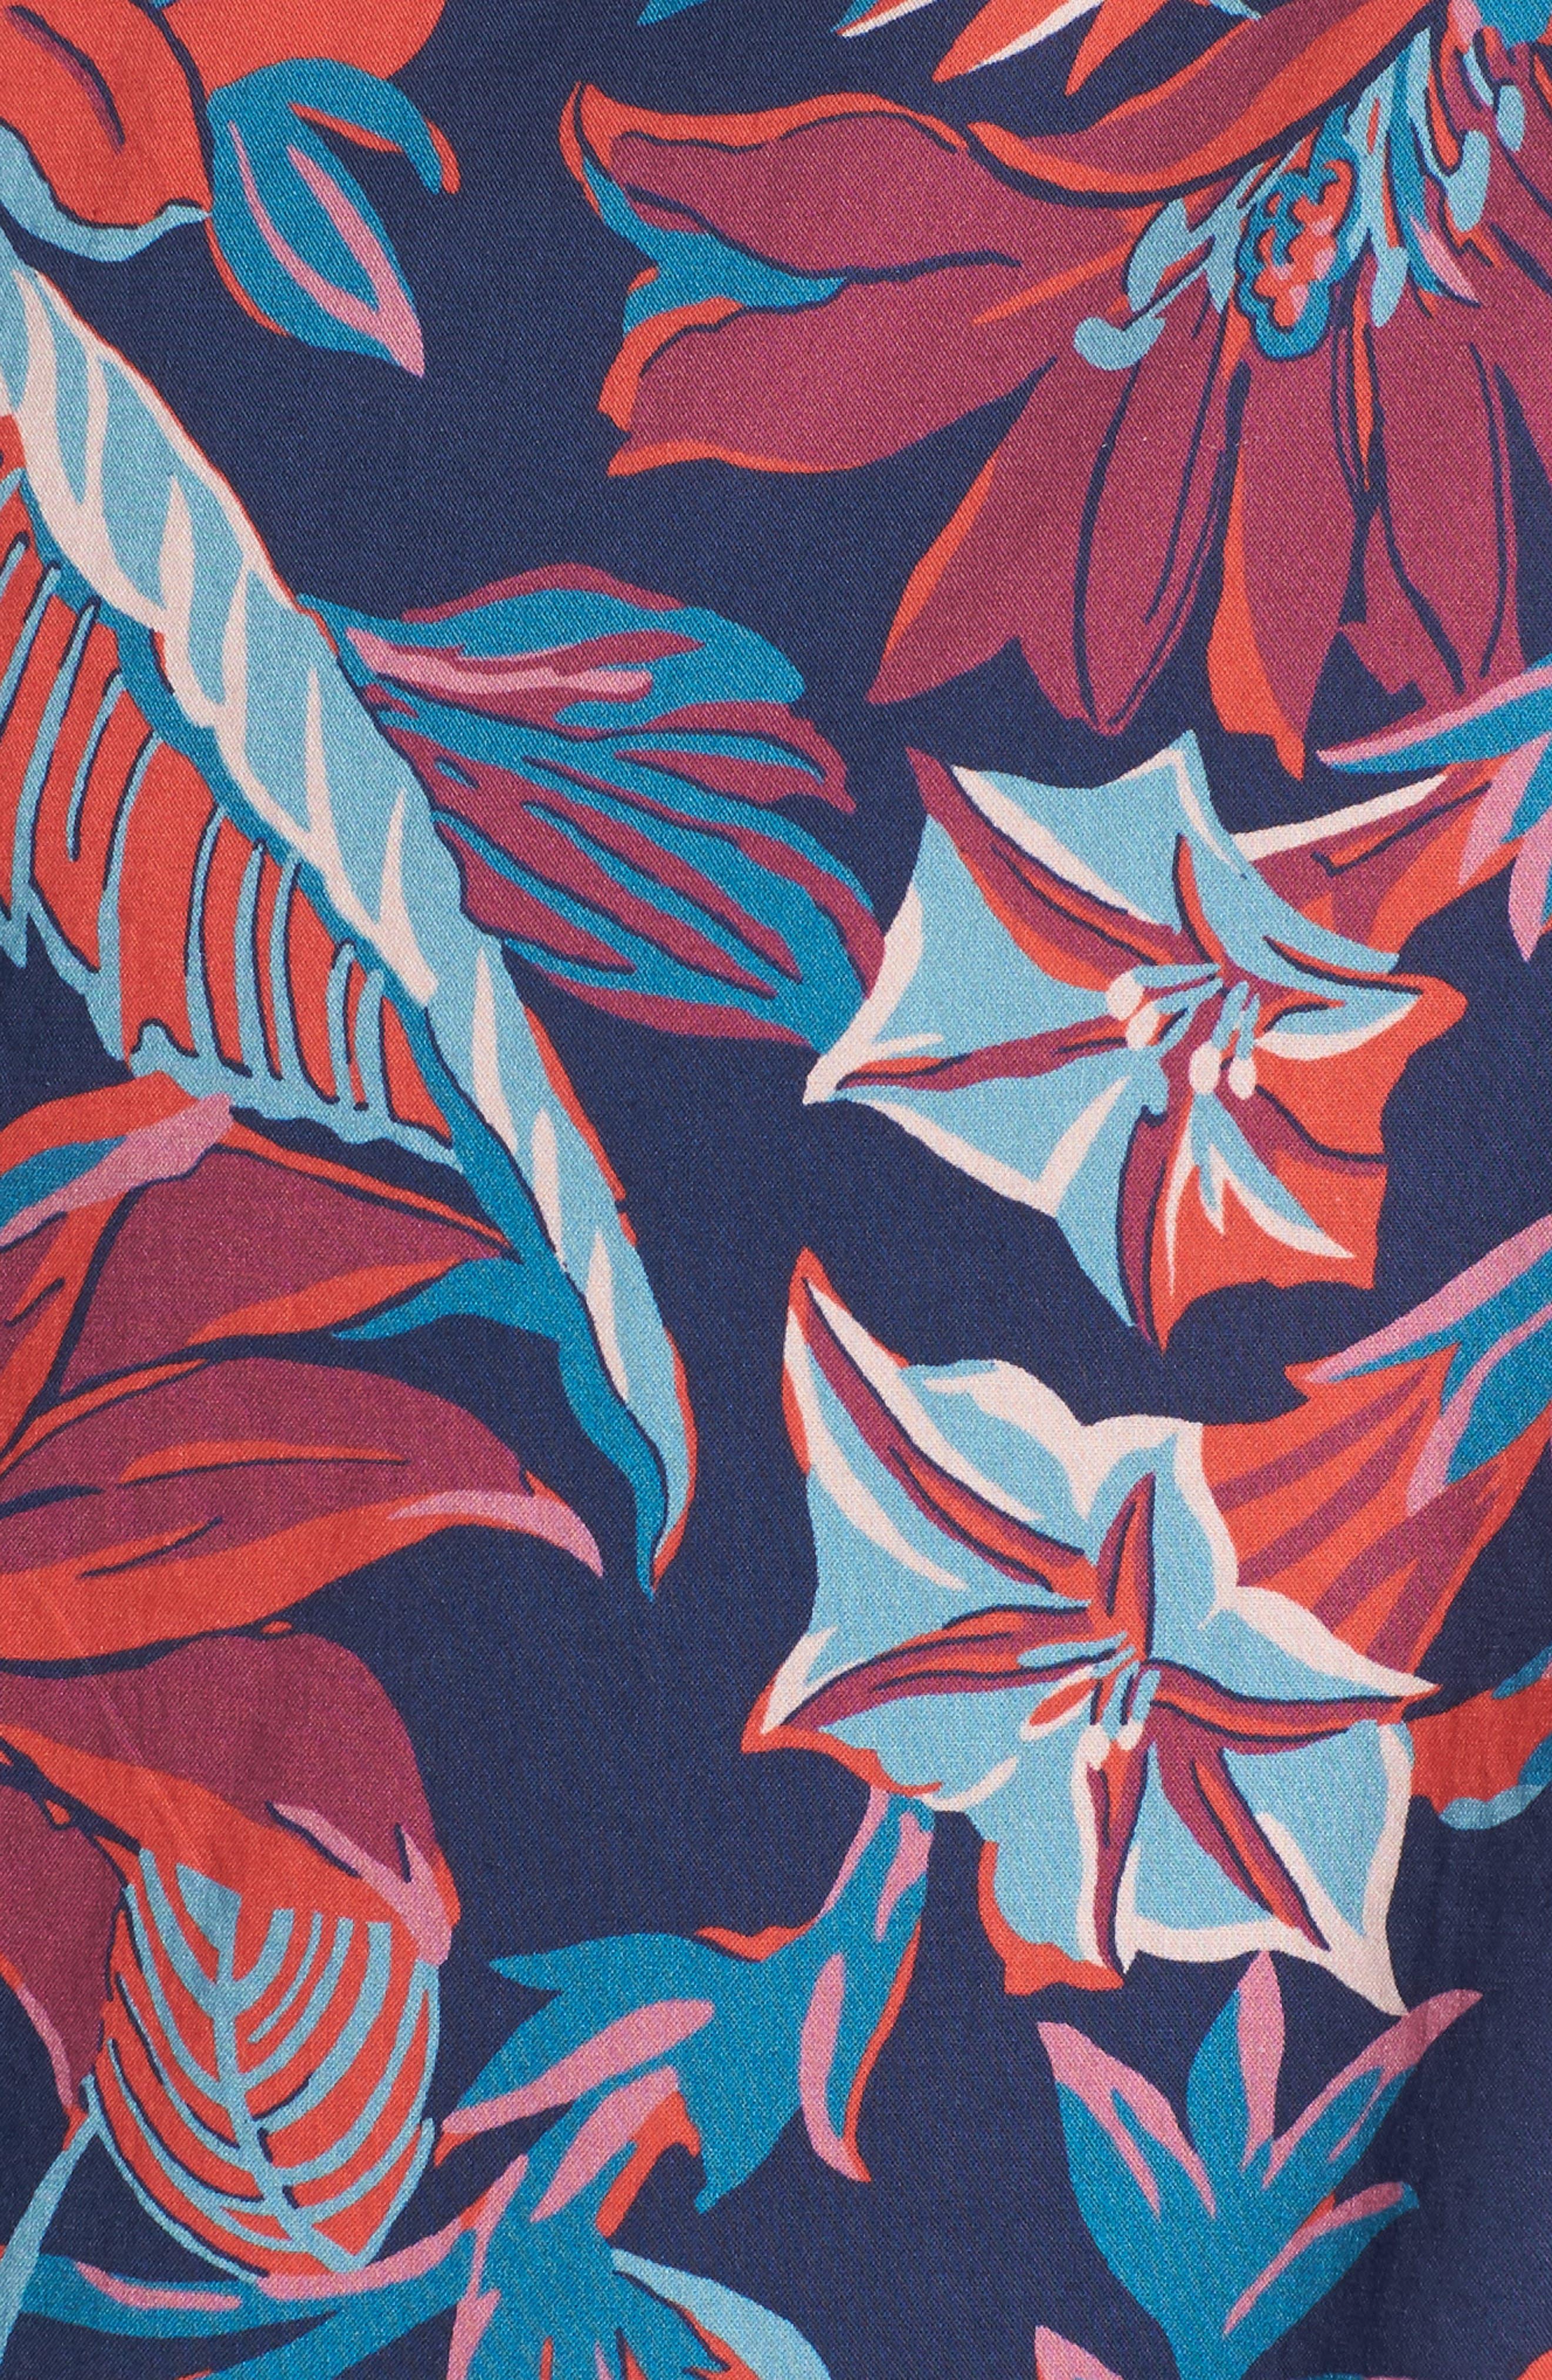 Slim Fit Print Sport Shirt,                             Alternate thumbnail 5, color,                             Pavilion Floral - Deep Pacific